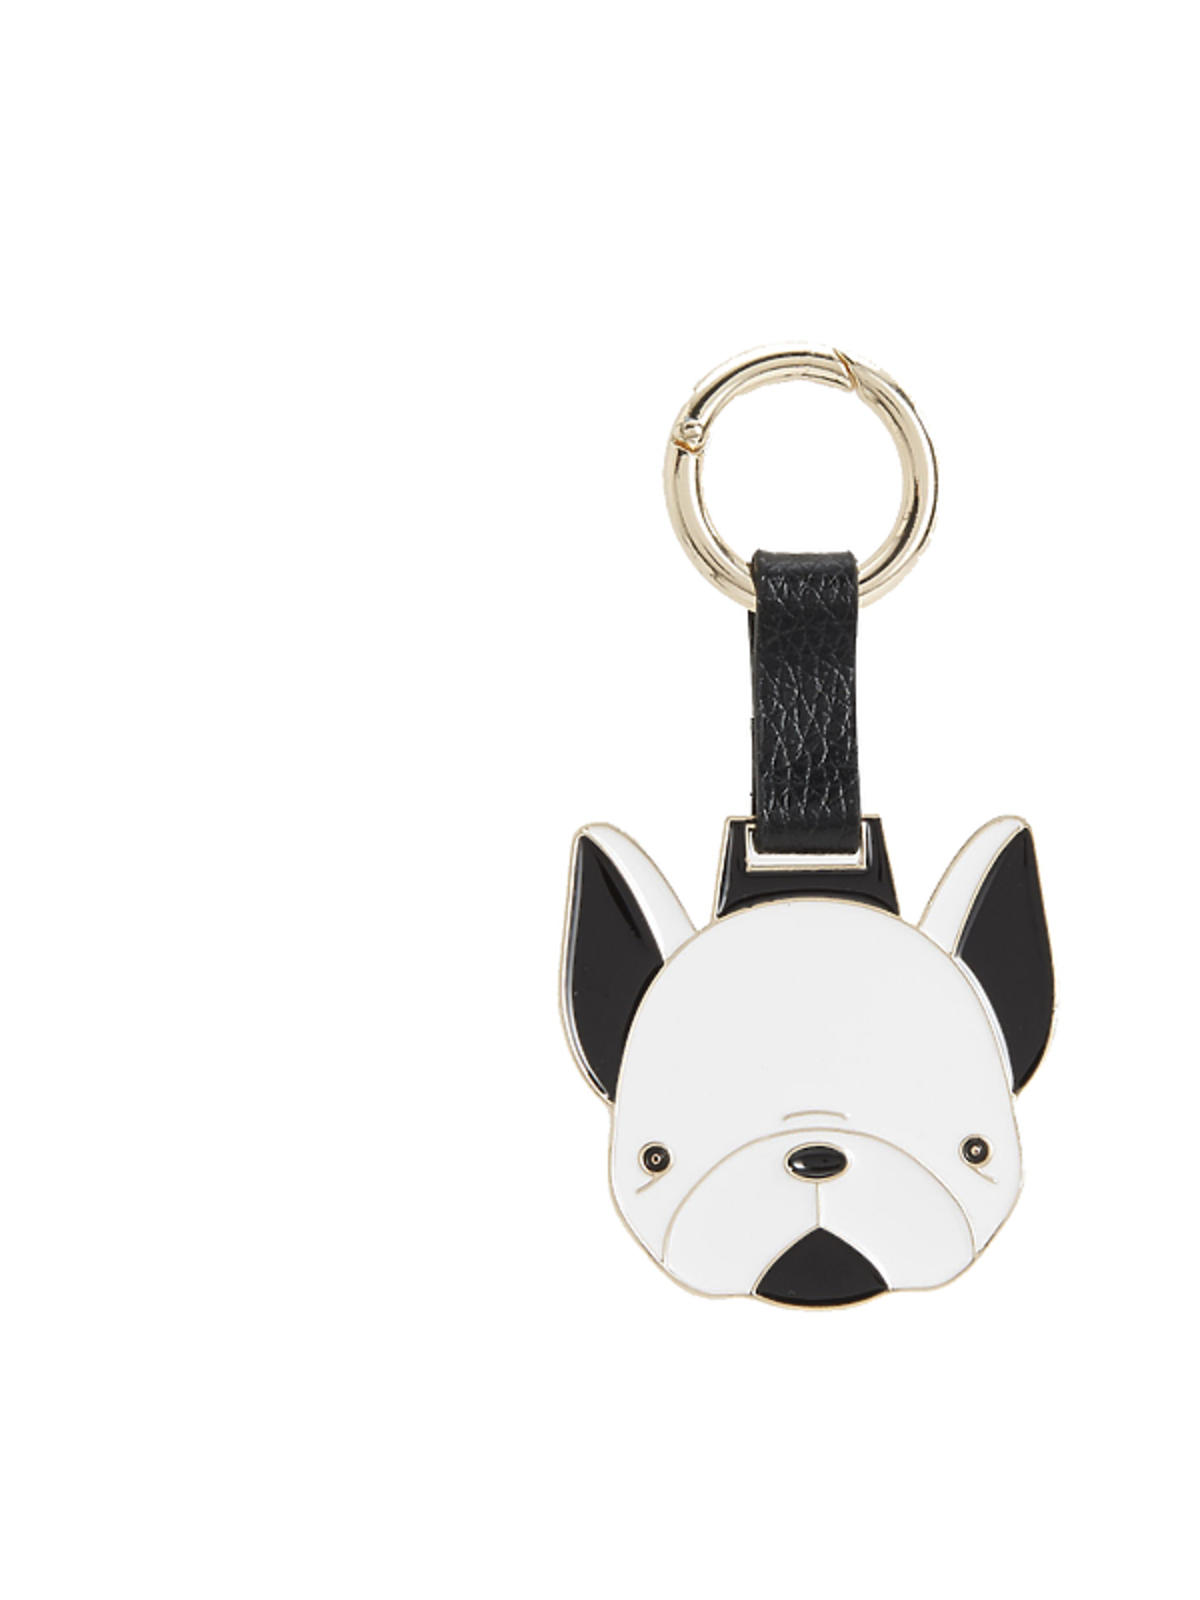 Brelok do torebki, kluczy pies - buldog Reserved, cena: 19,99 zł